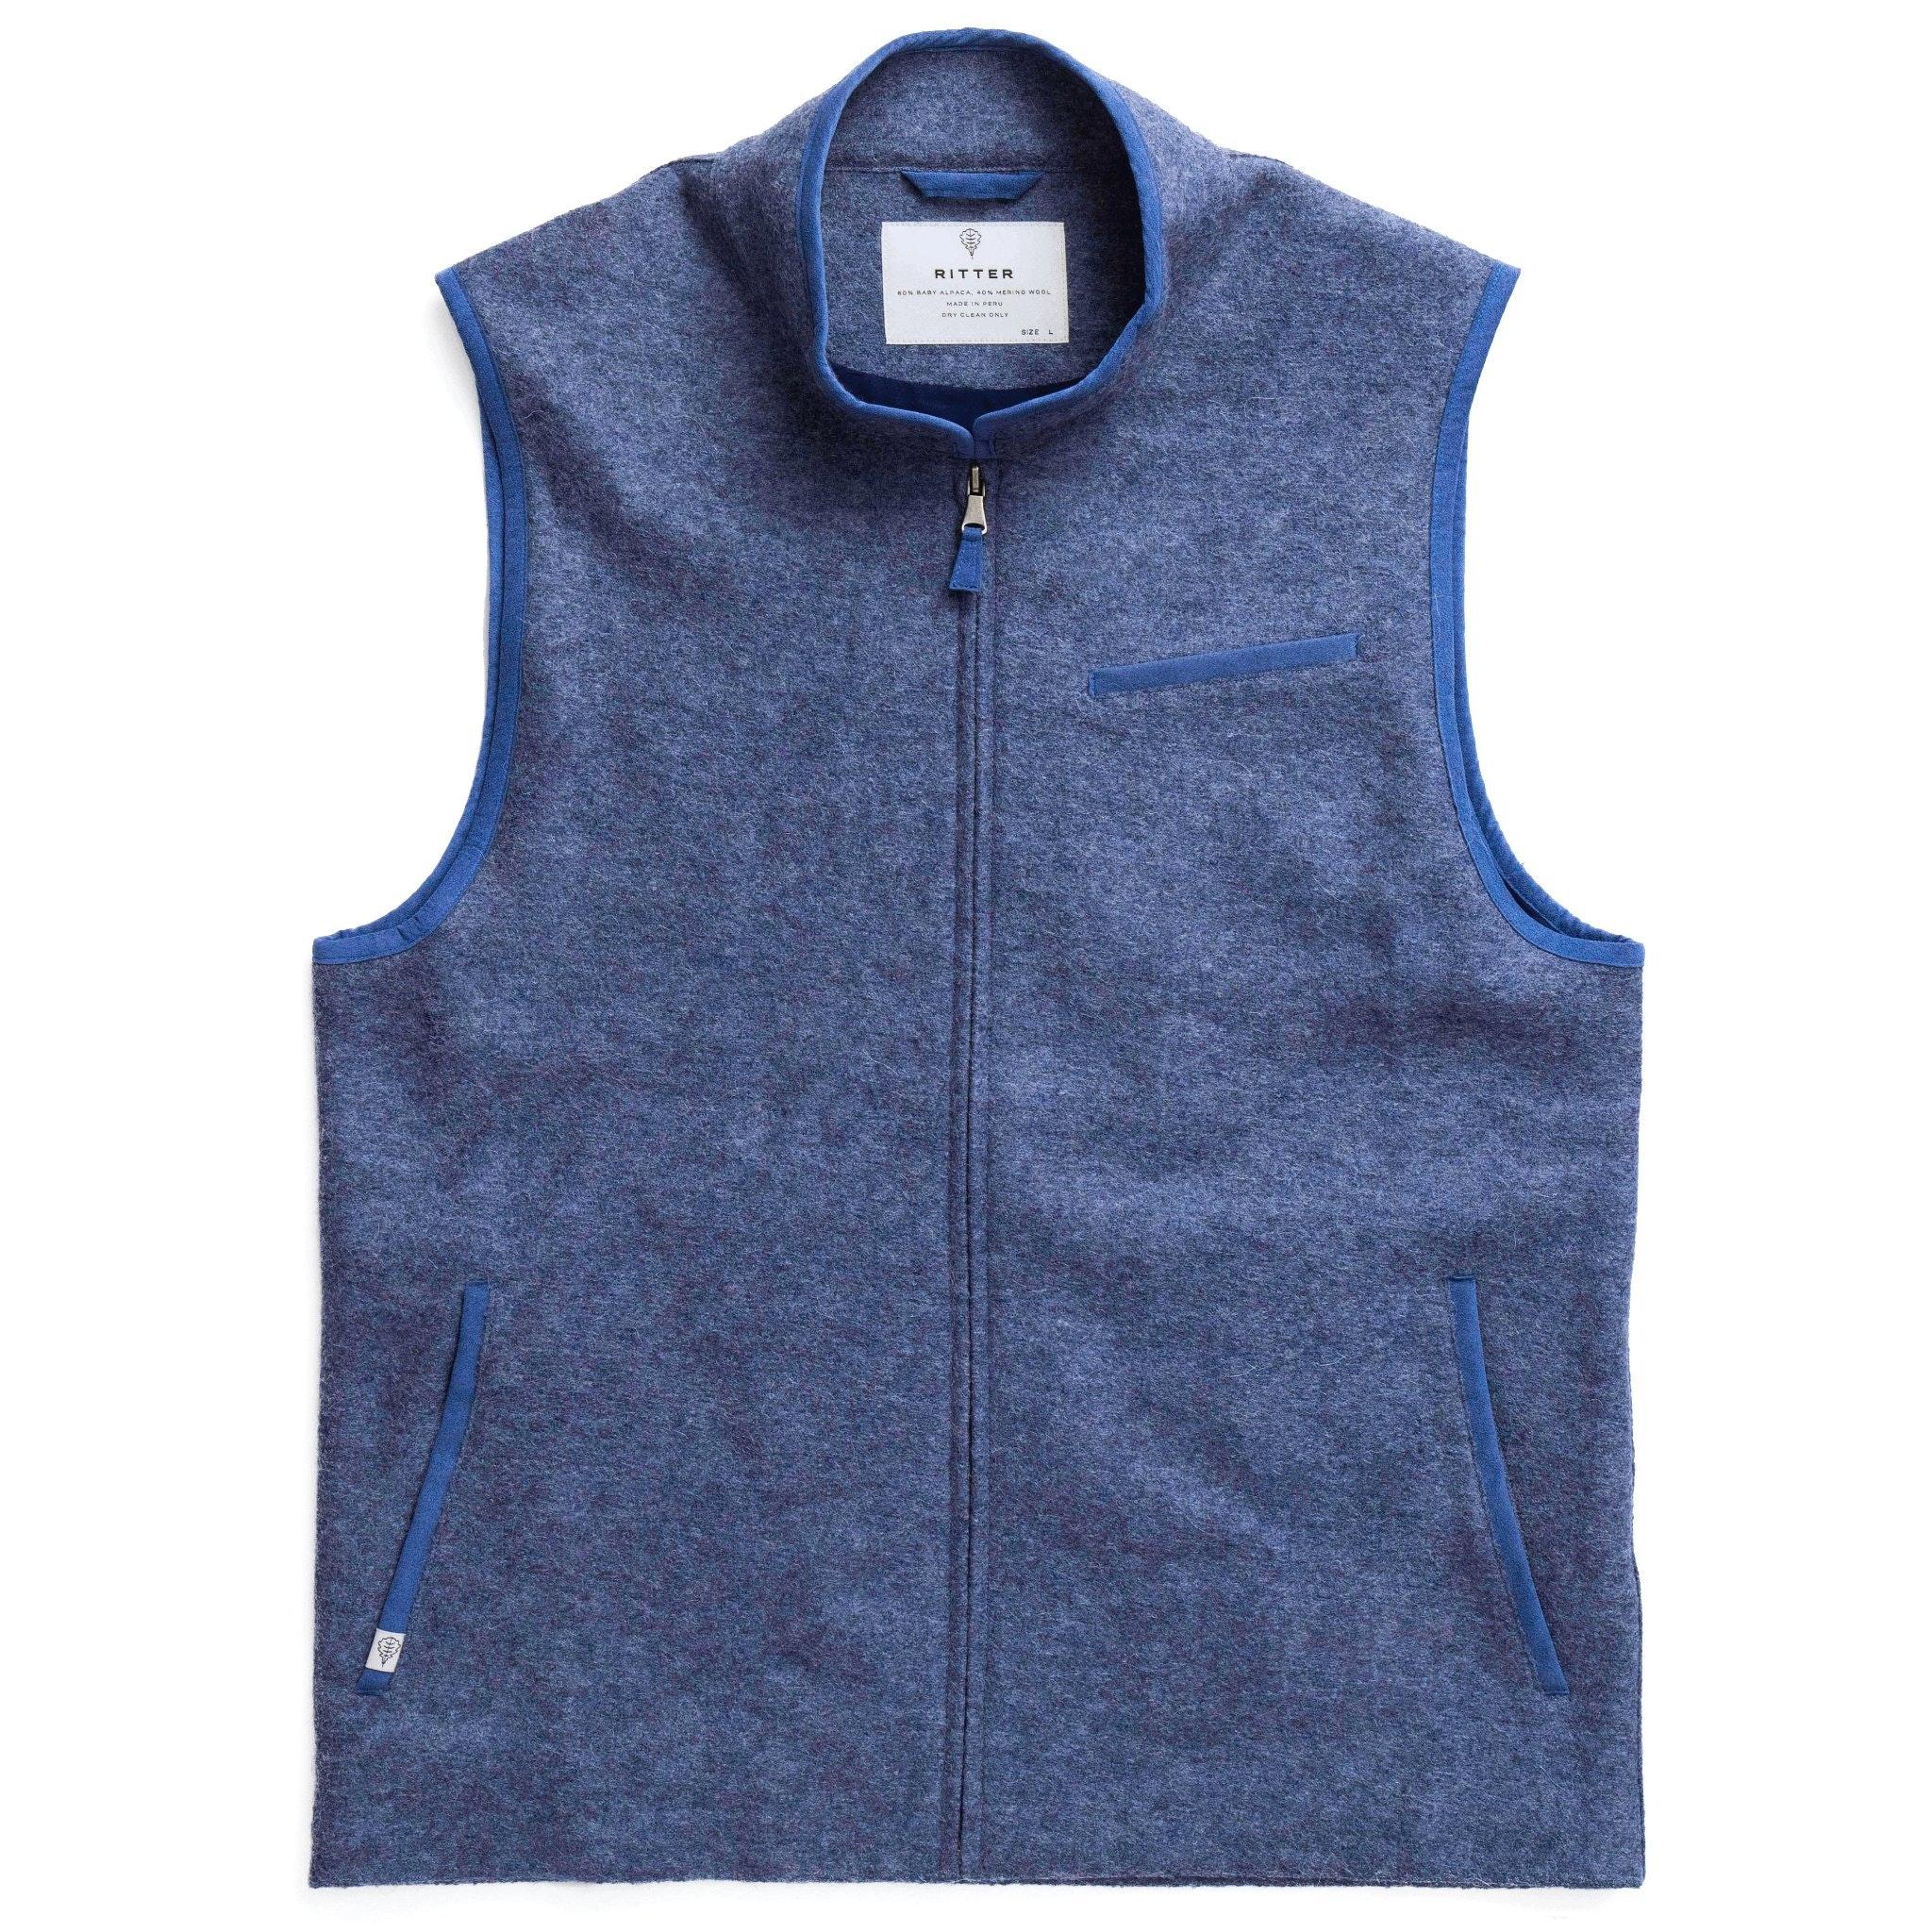 Ritter Vest